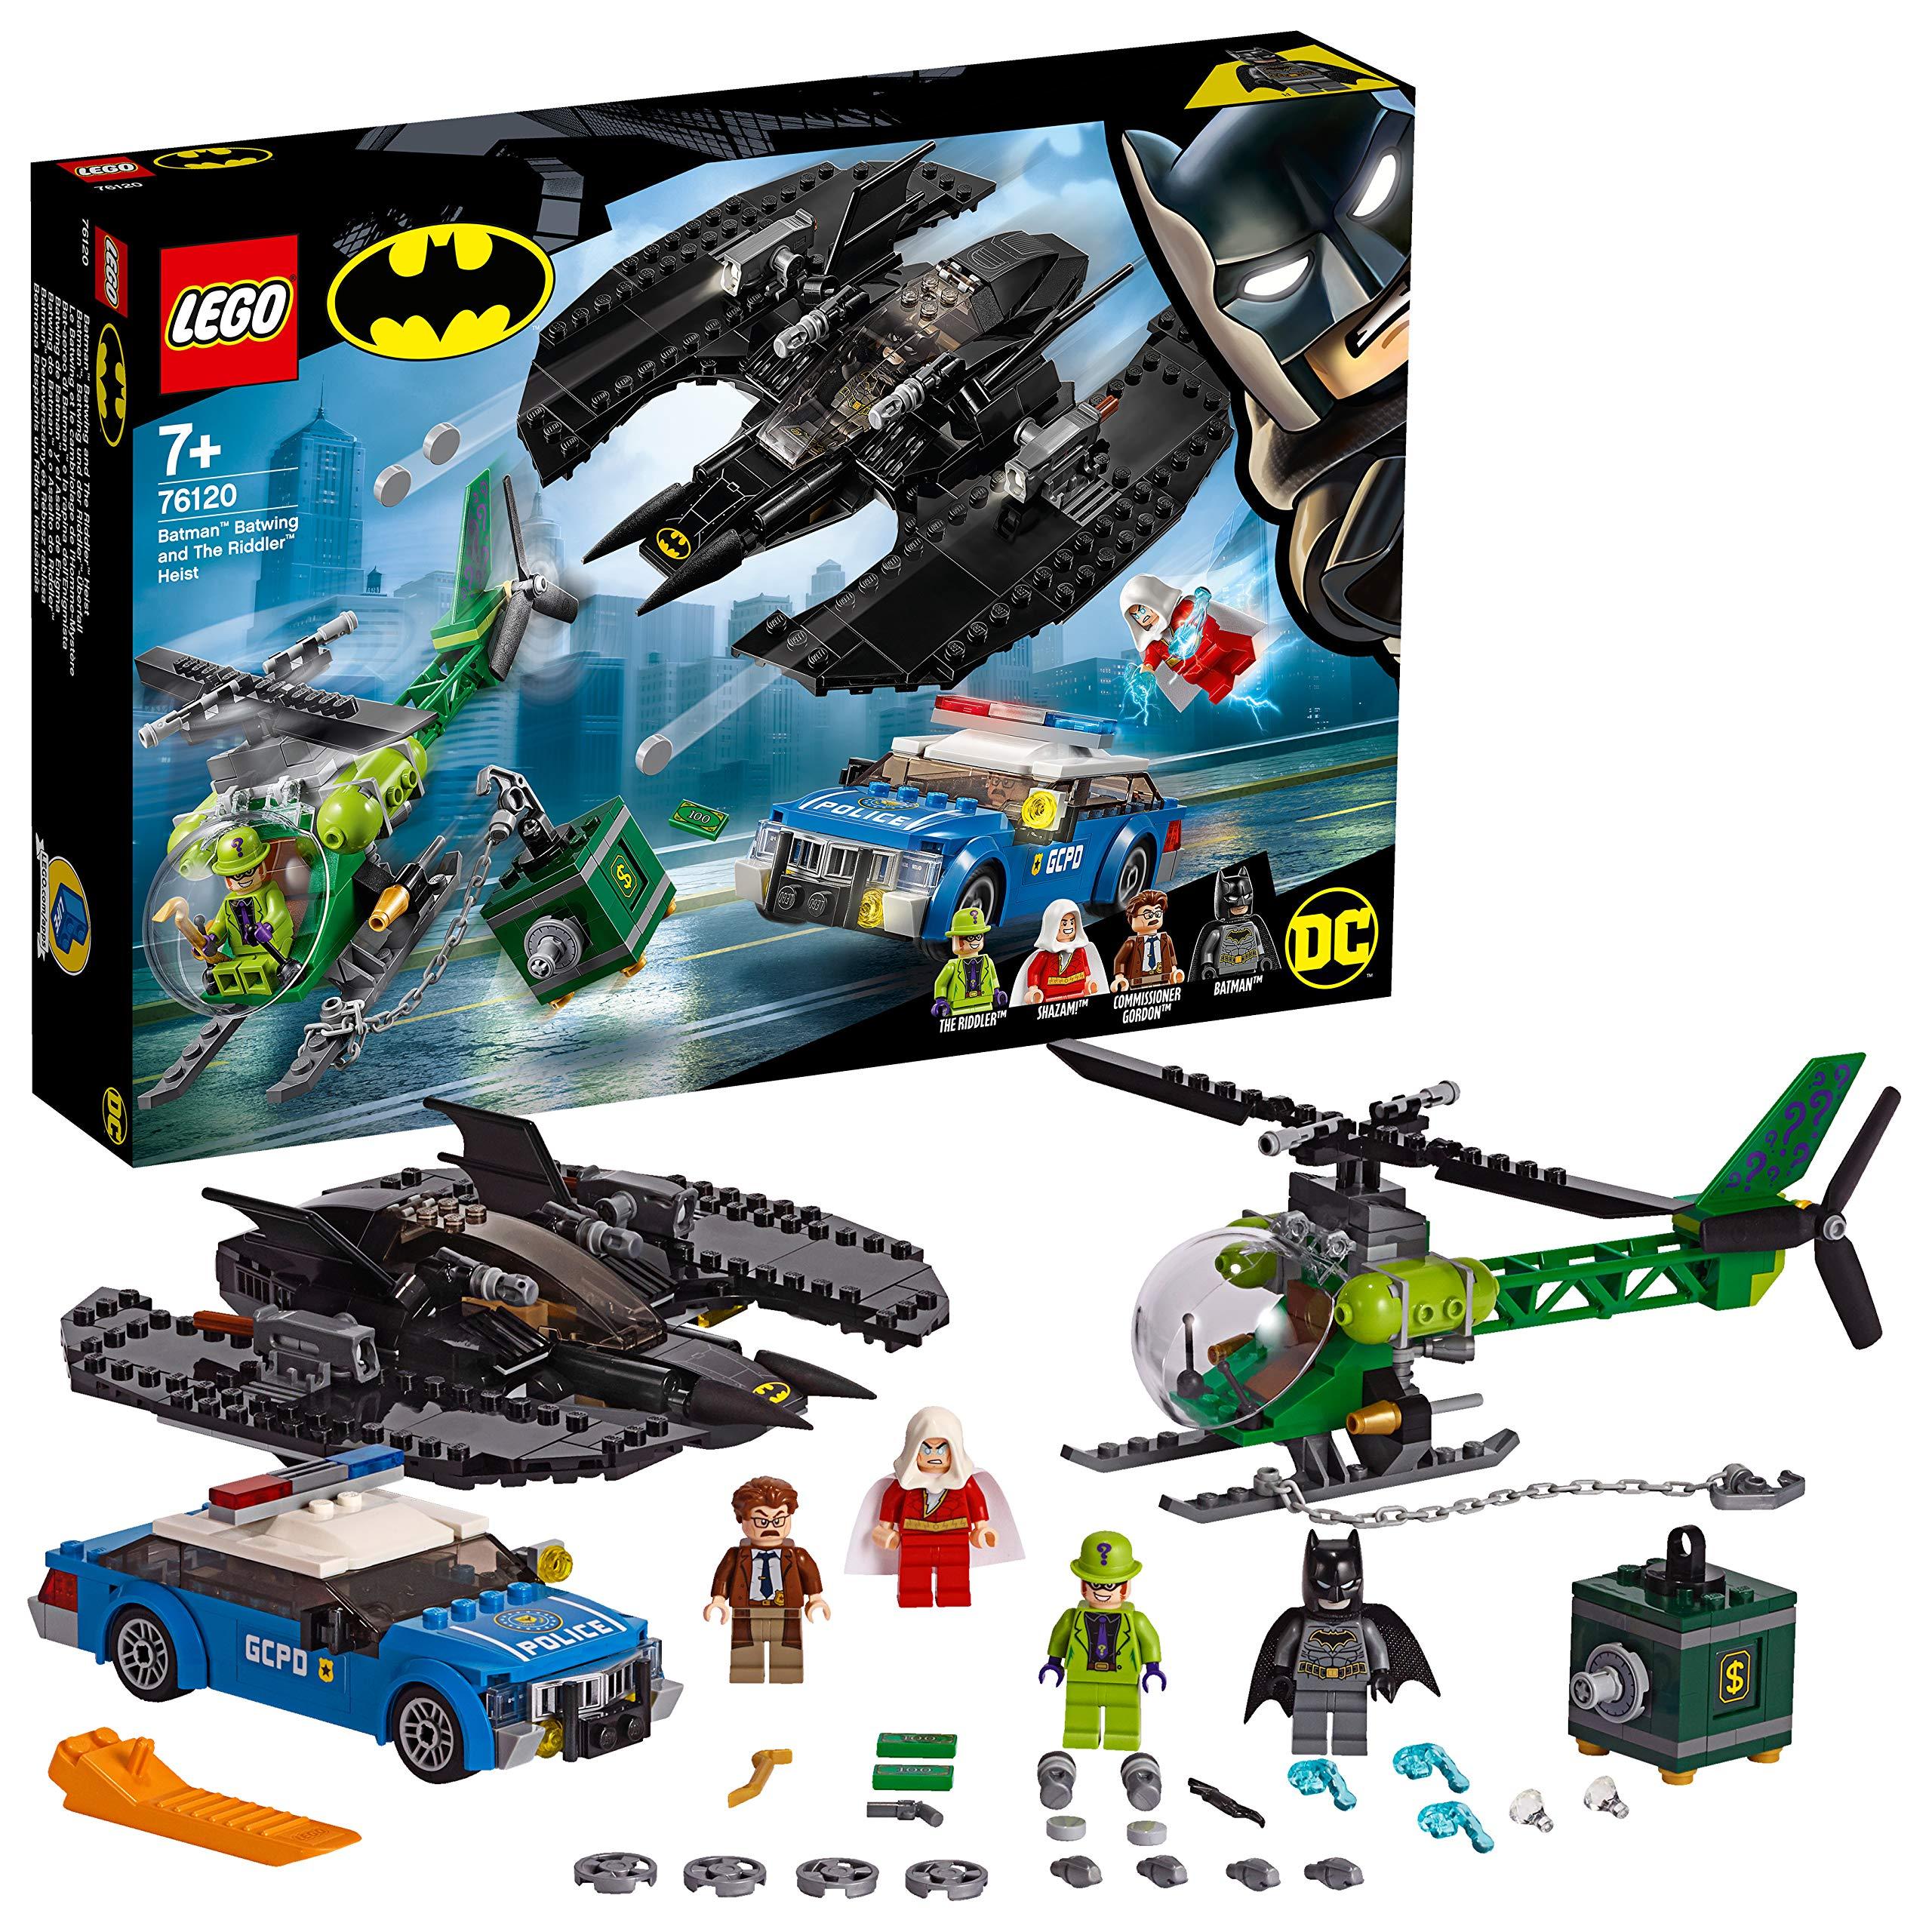 LEGO Super Heroes – Batwing de Batman y el Asalto de Enigma Juguete de Aventuras de Superhéroes, incluye Minifigura del Comisario Gordon y Shazam, Novedad 2019 (76120)